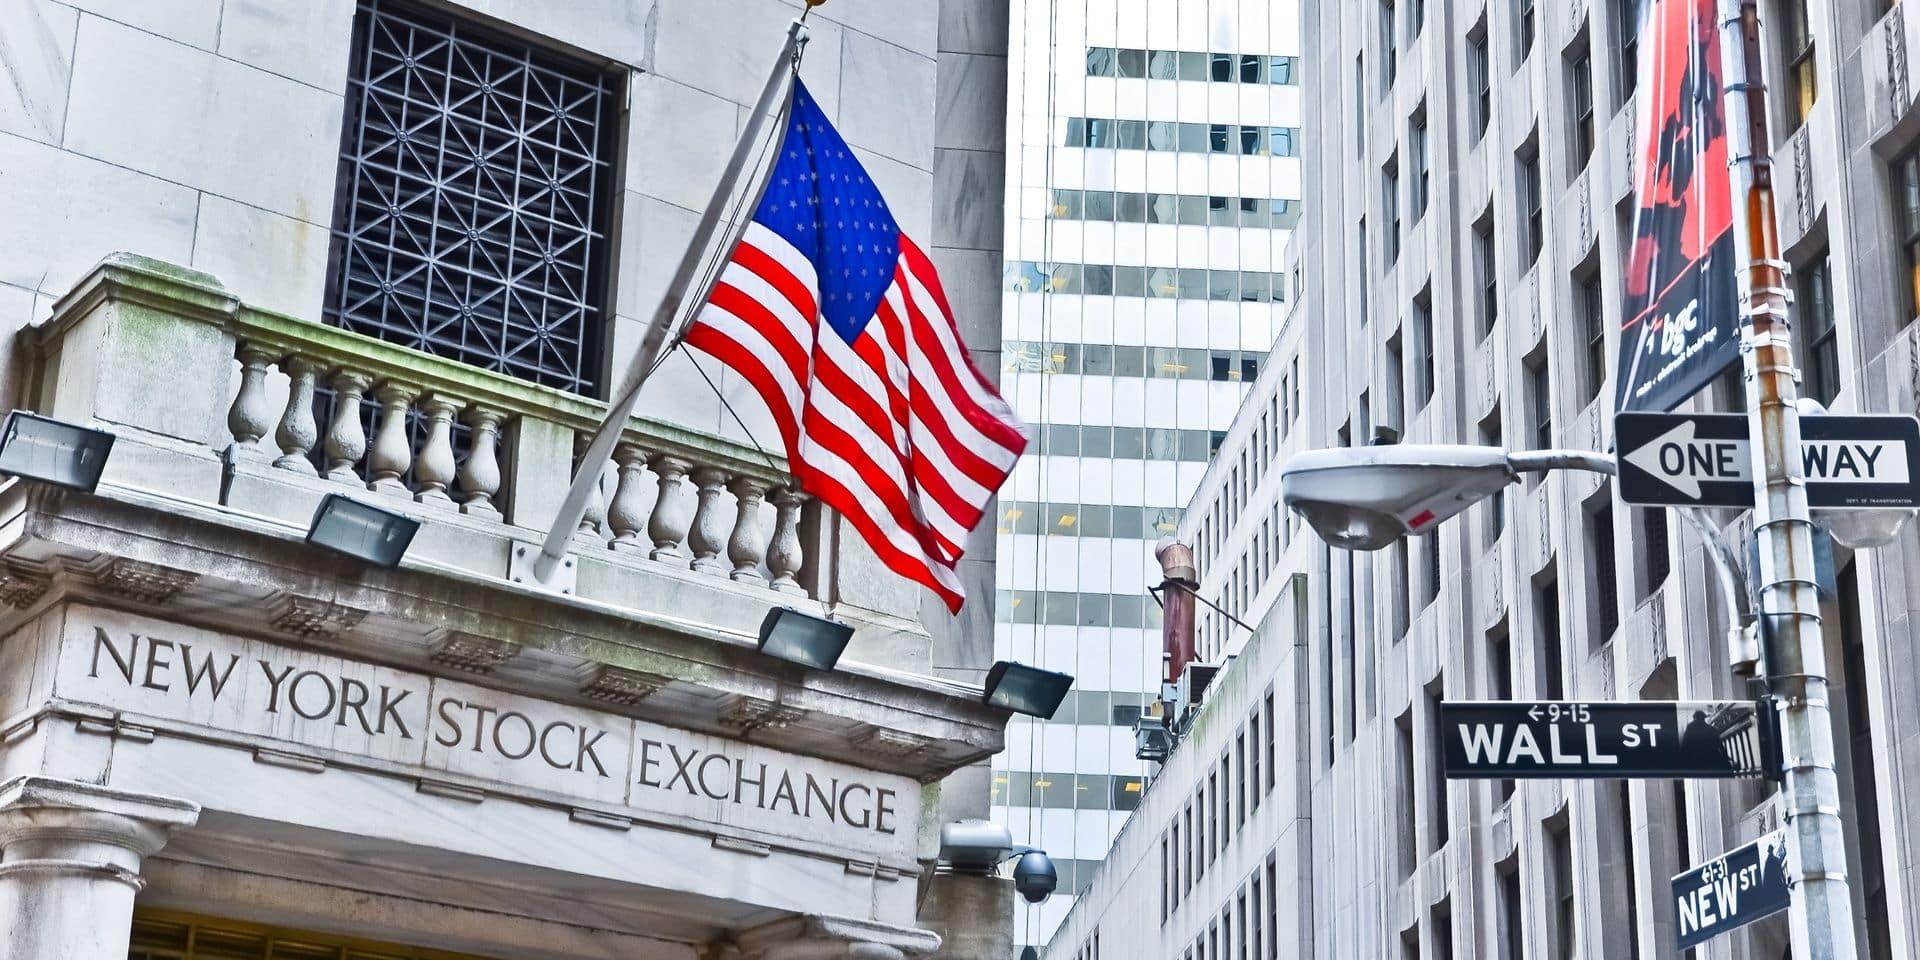 Wall Street était divisée entre signaux positifs et négatifs à l'ouverture